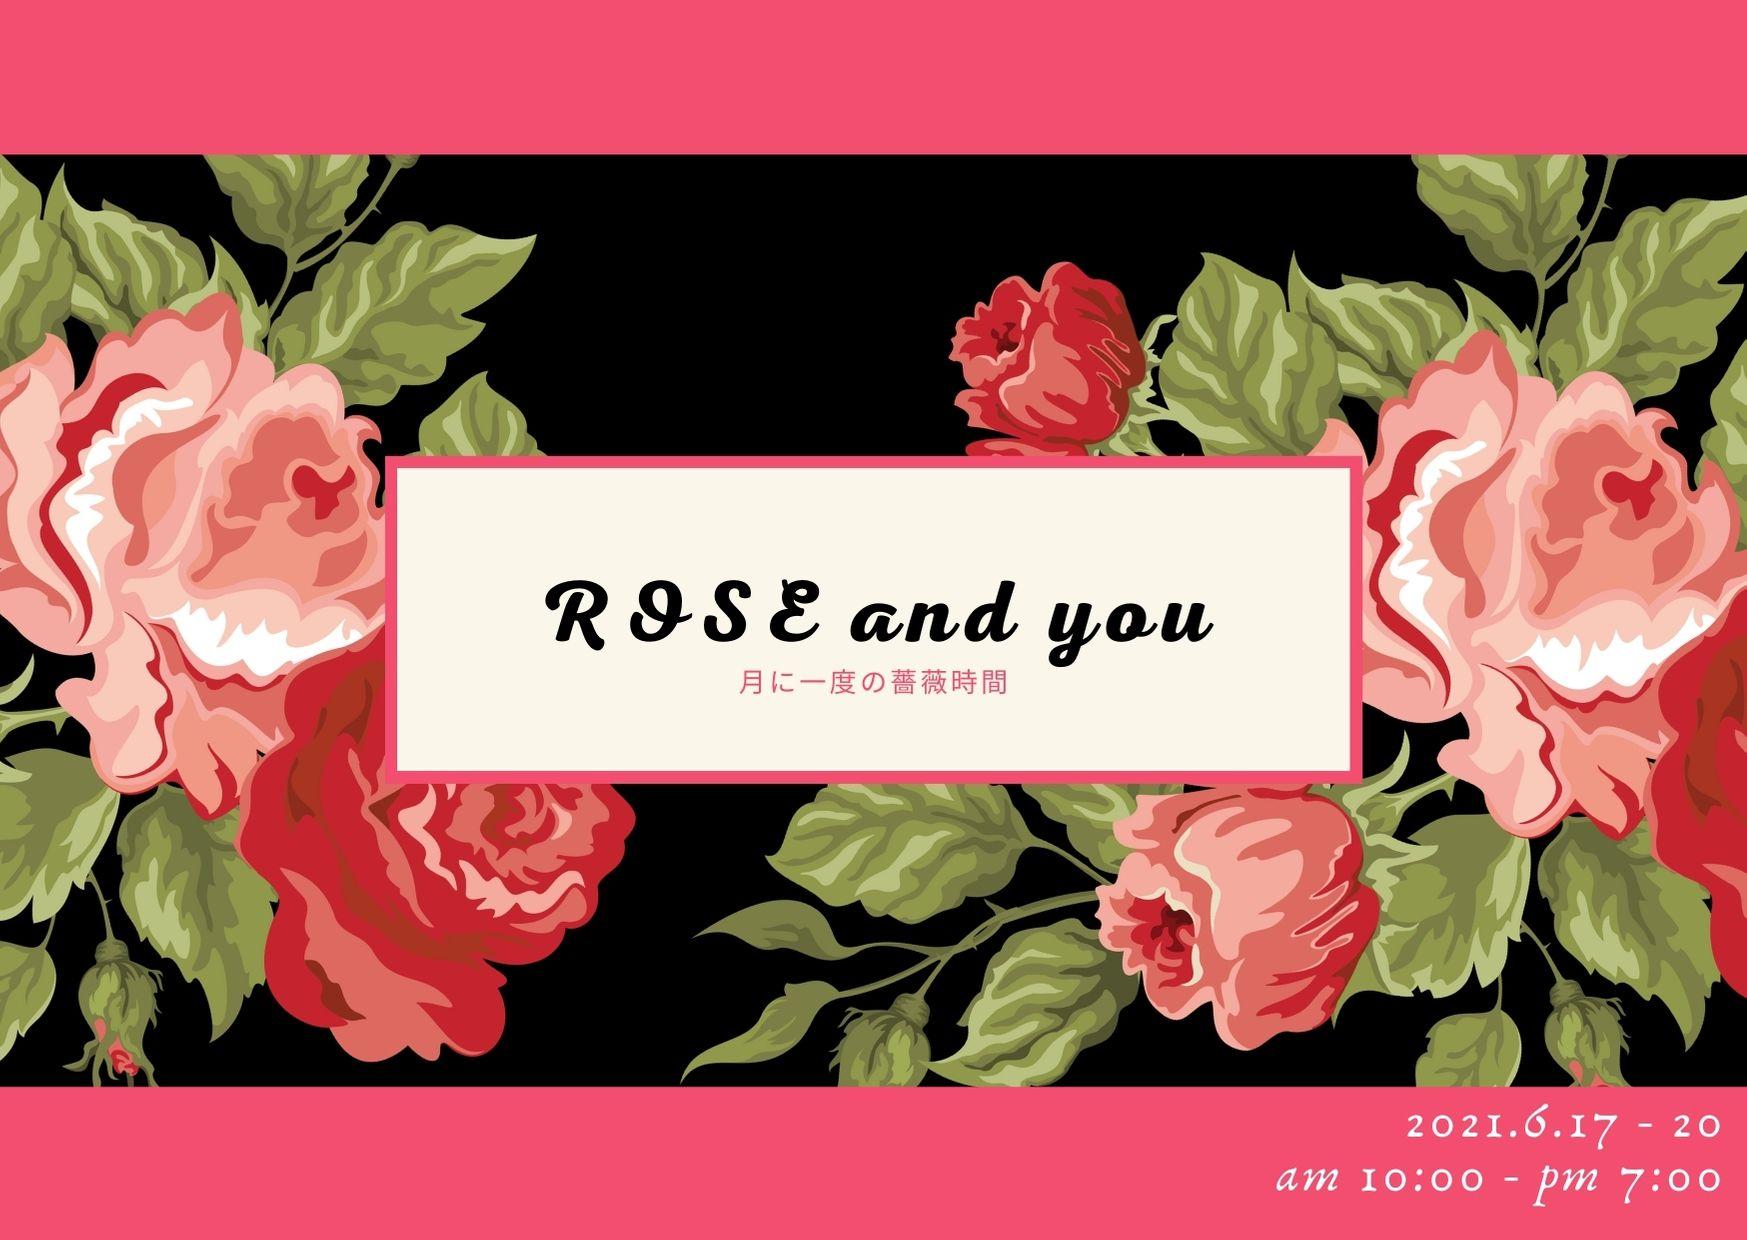 6月17日,18日,19日,20日/ROSE and you